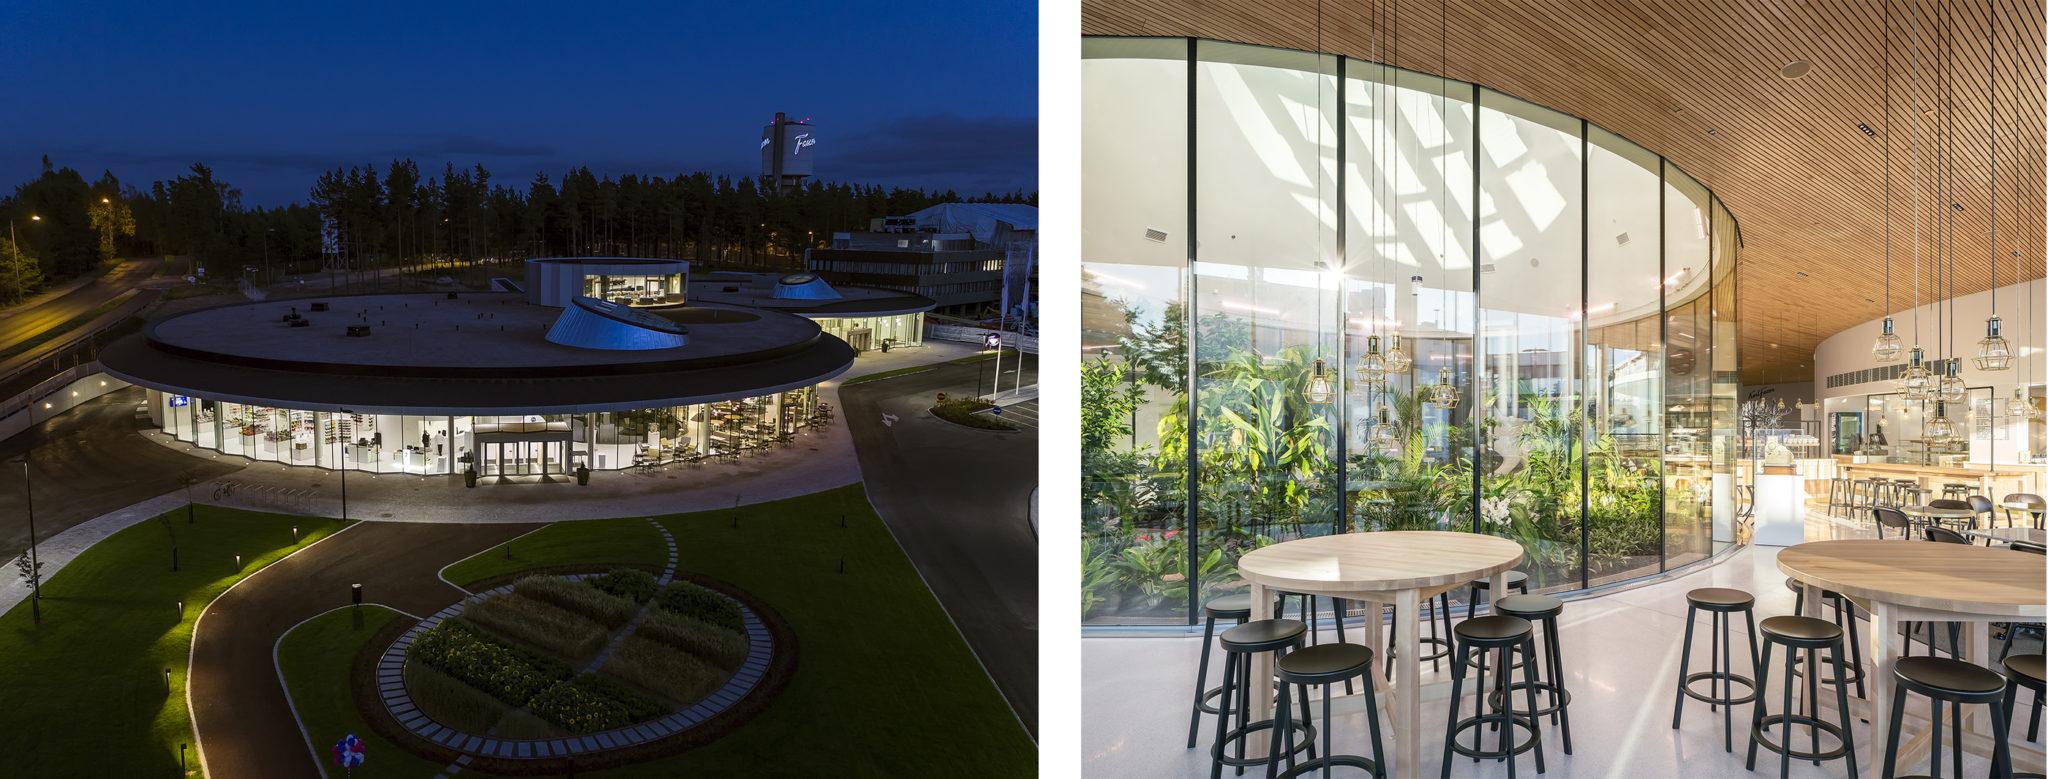 Vasemmalla ilmakuva Fazerin vierailu- ja kokouskekuksesta ja sen ympäristöstä. Oikealla rakennuksen viherhuone ja muuta sisätilaa.